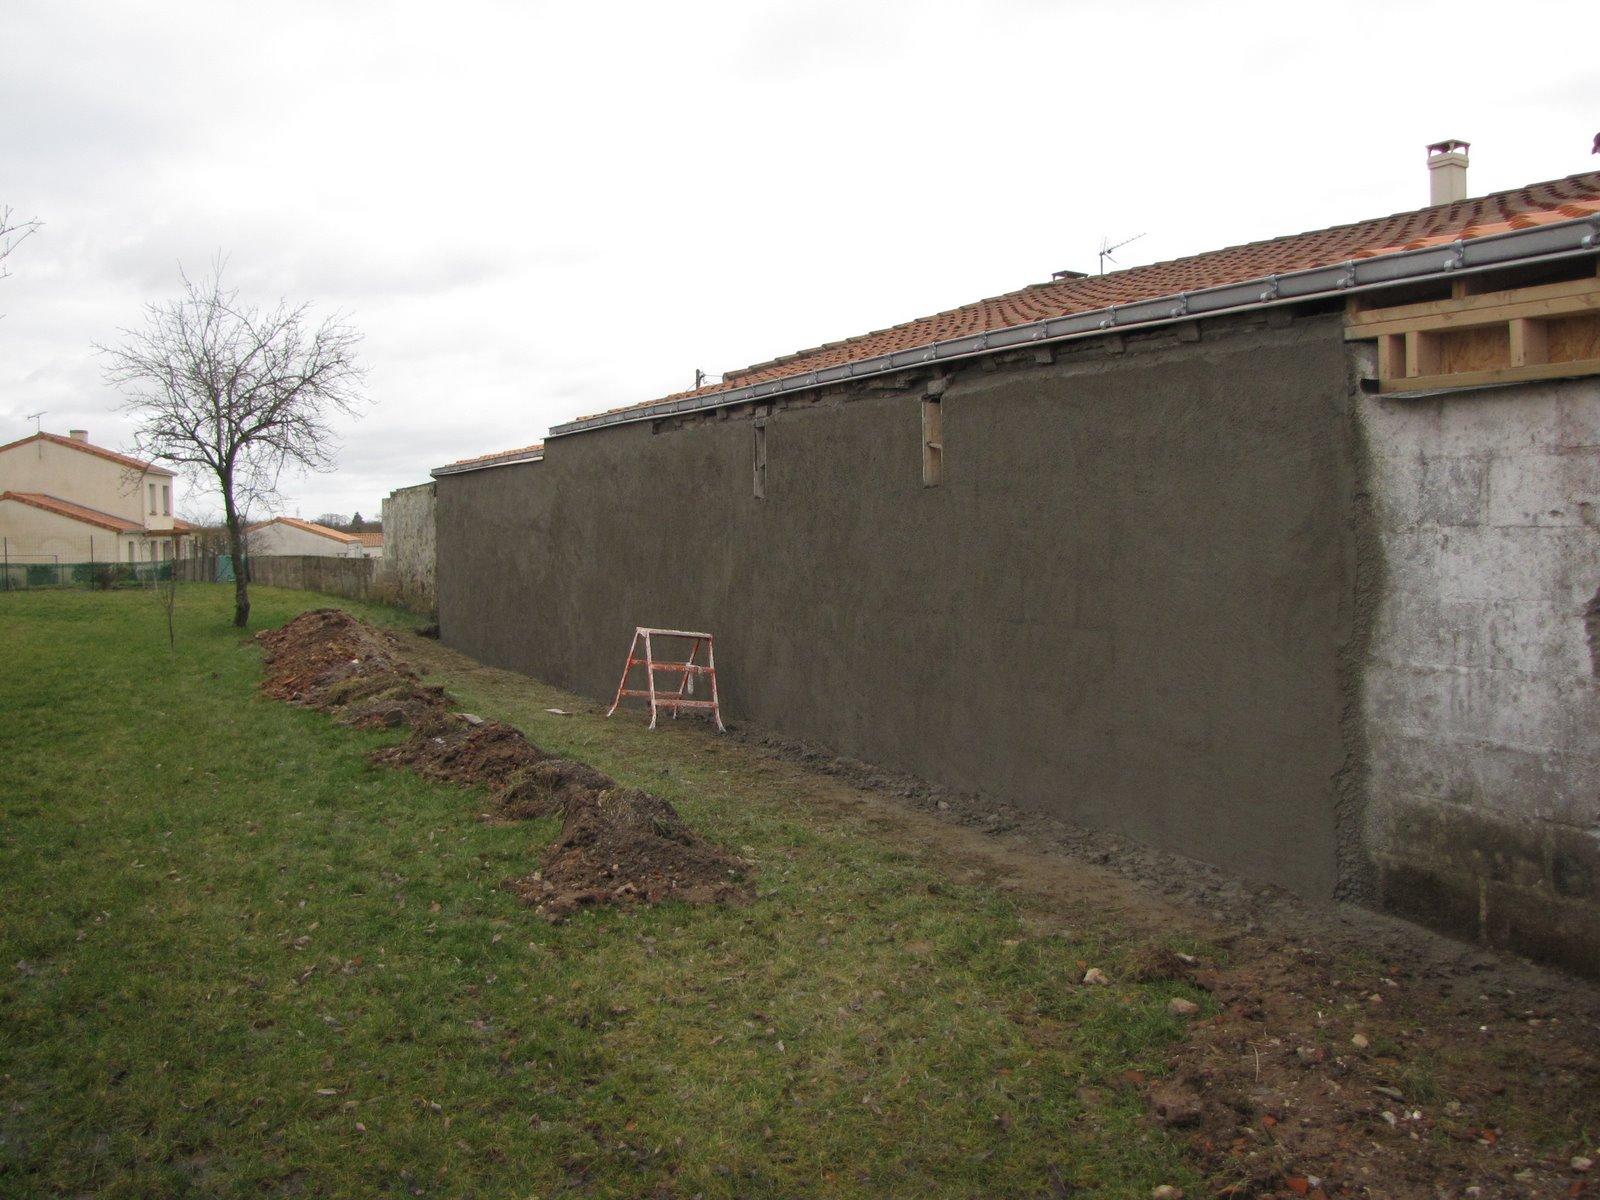 Notre maison mur arriere en limite de propriete - Mur en limite de propriete droit ...